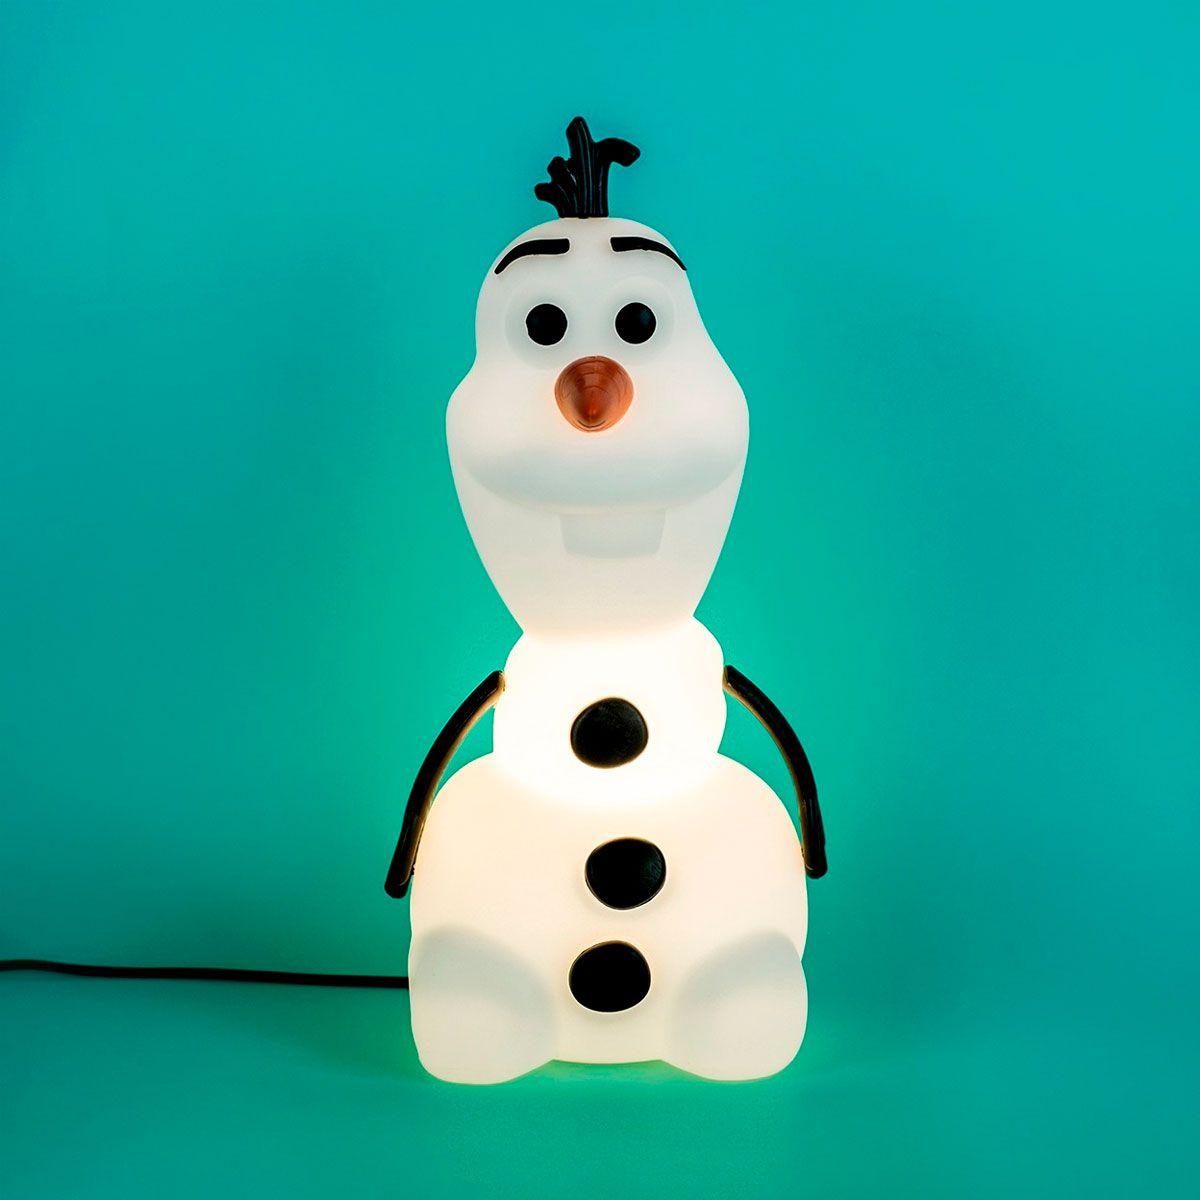 Luminária de Mesa Olaf Boneco de Neve - Frozen